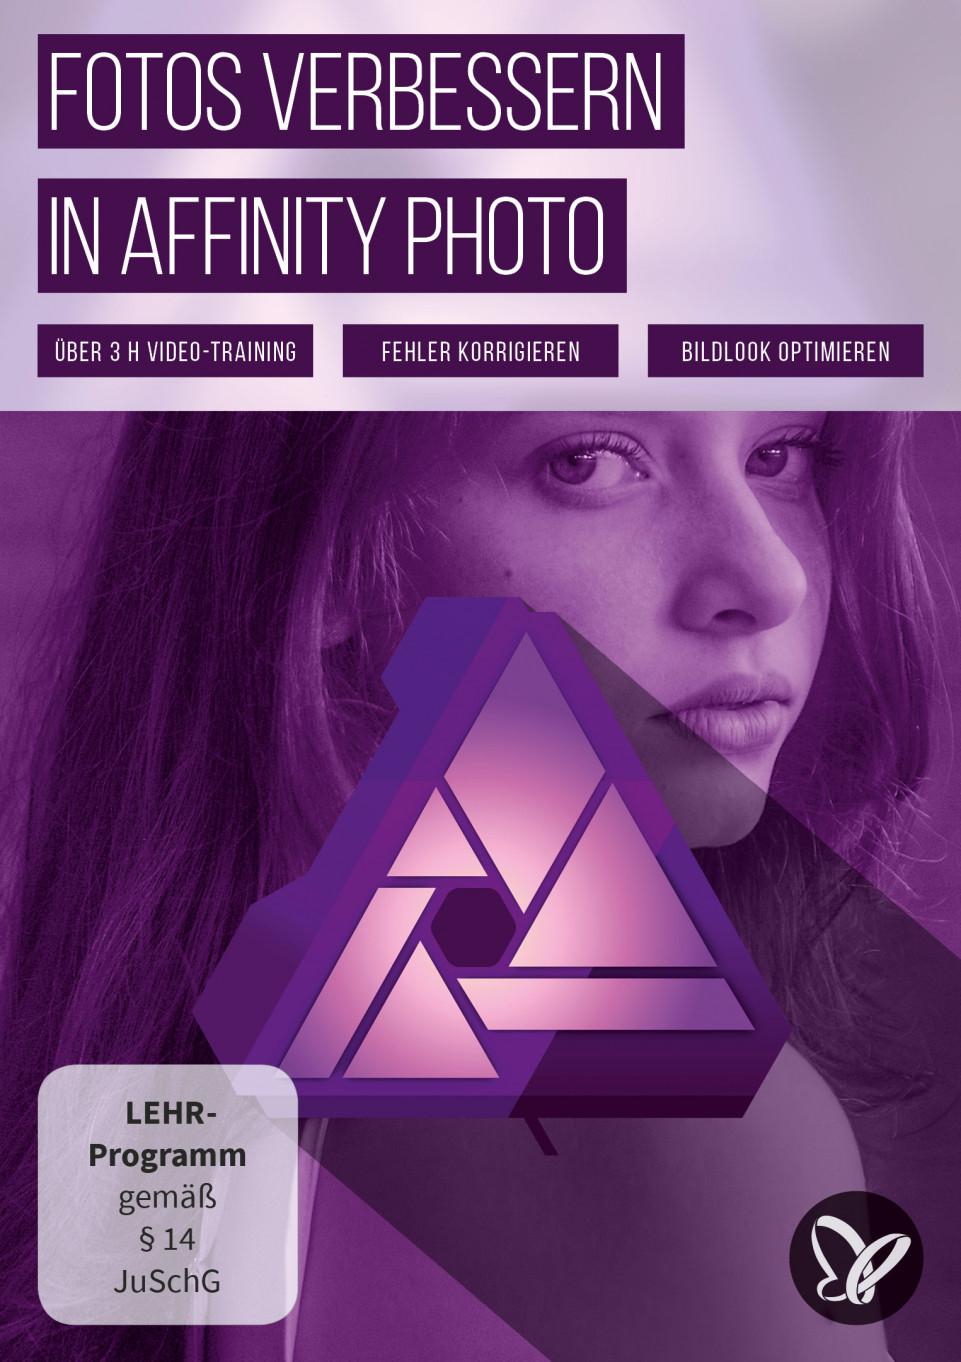 Fotos verbessern in Affinity Photo